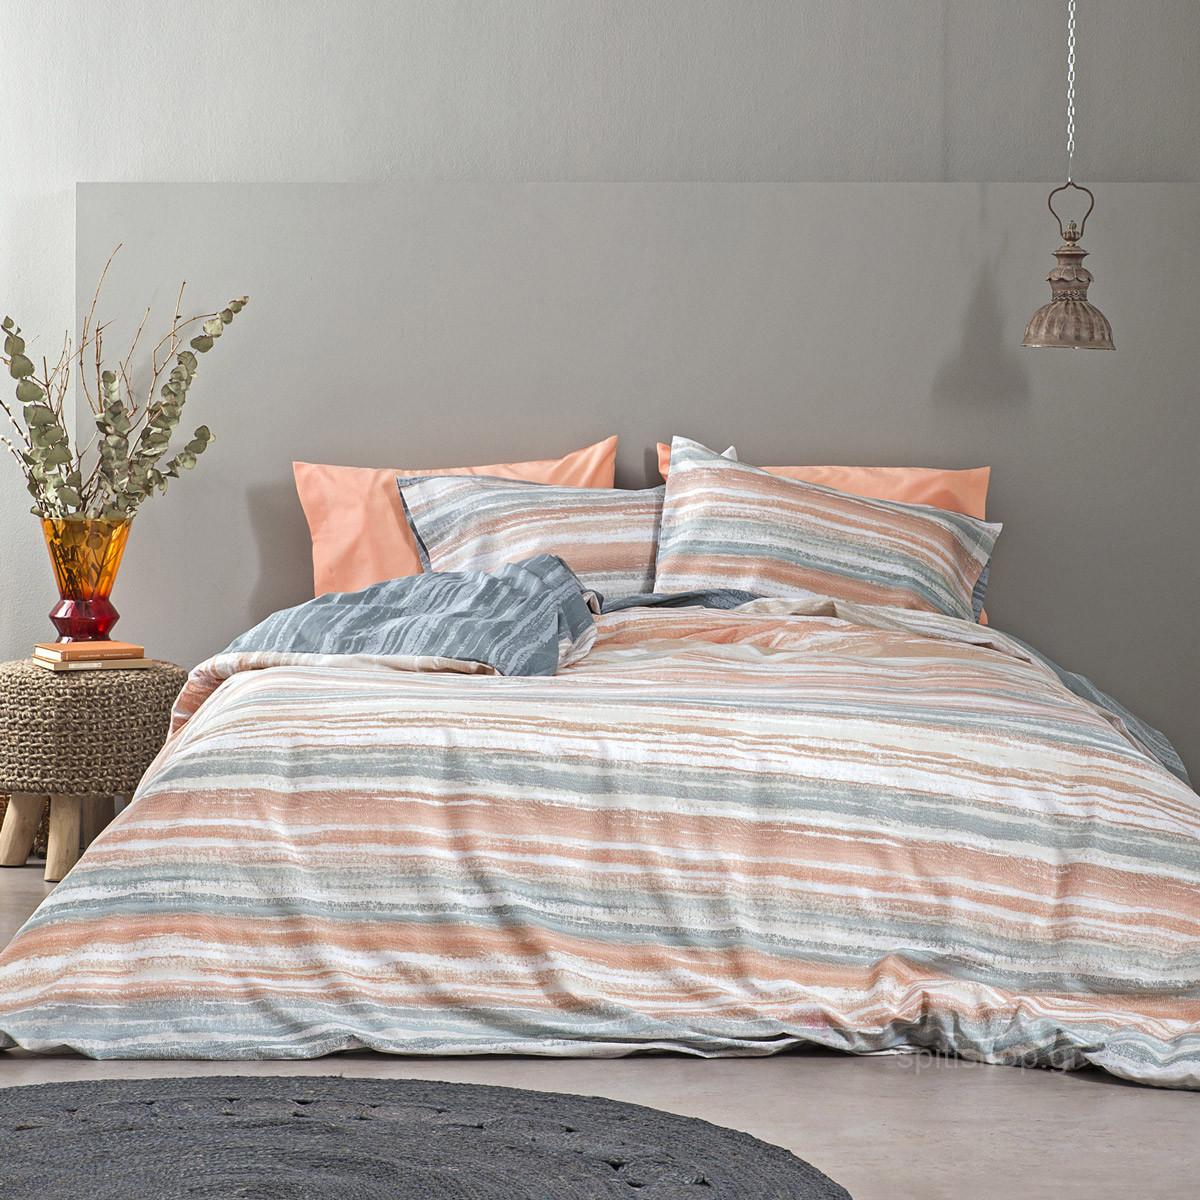 Σεντόνια Μονά (Σετ) Nima Bed Linen Softwood Salmon ΜΕ ΛΑΣΤΙΧΟ 100×200+32 ΜΕ ΛΑΣΤΙΧΟ 100×200+32